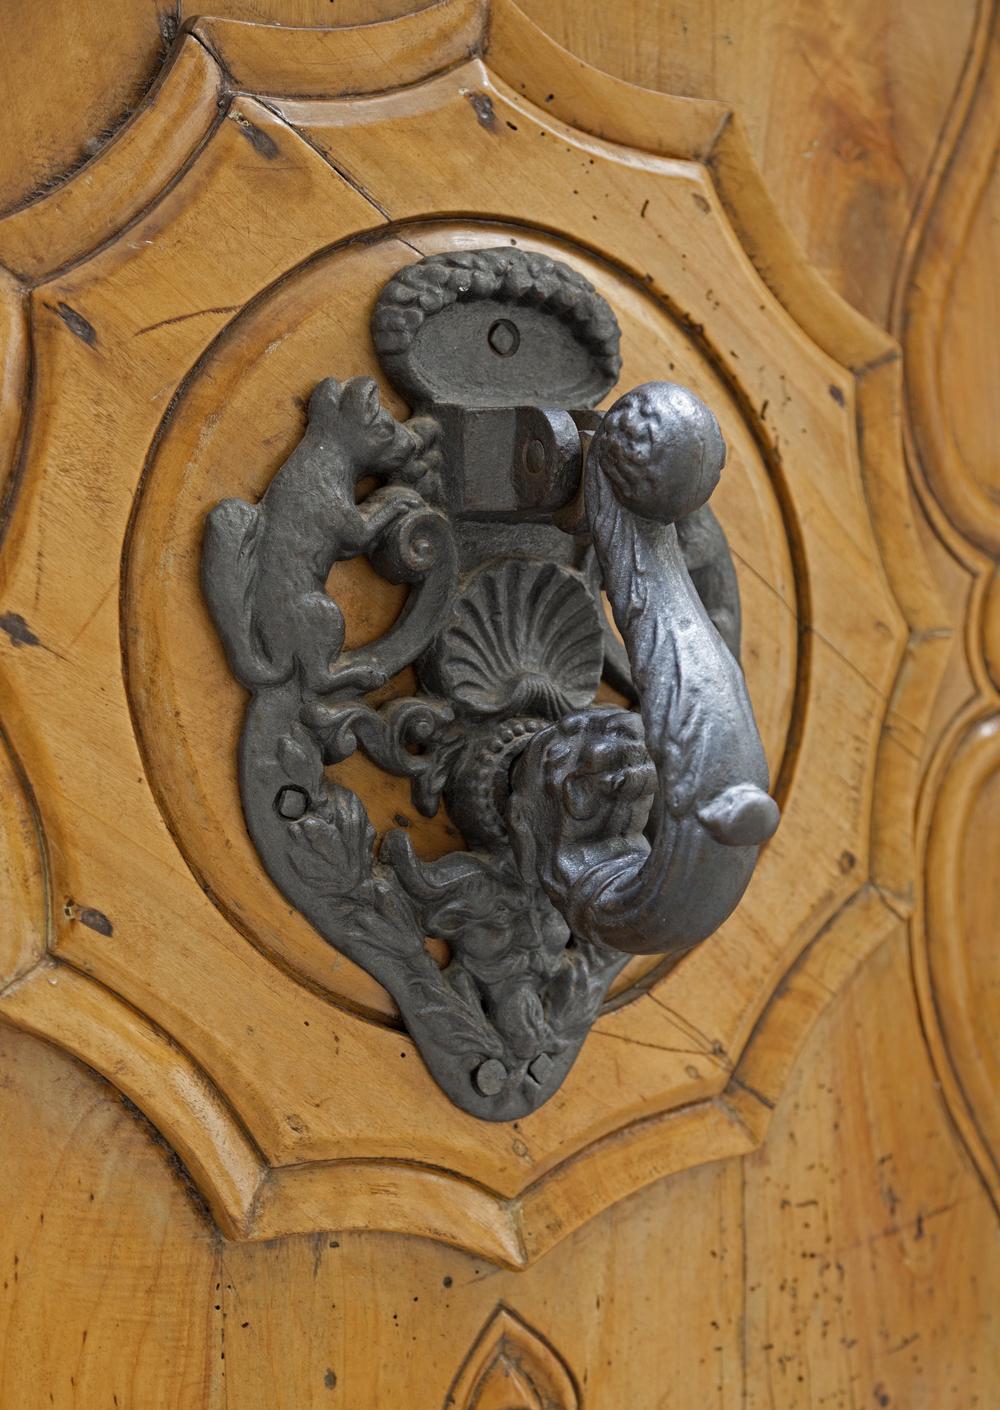 Ornements symboliques d'un heurtoir de porte à Gérone